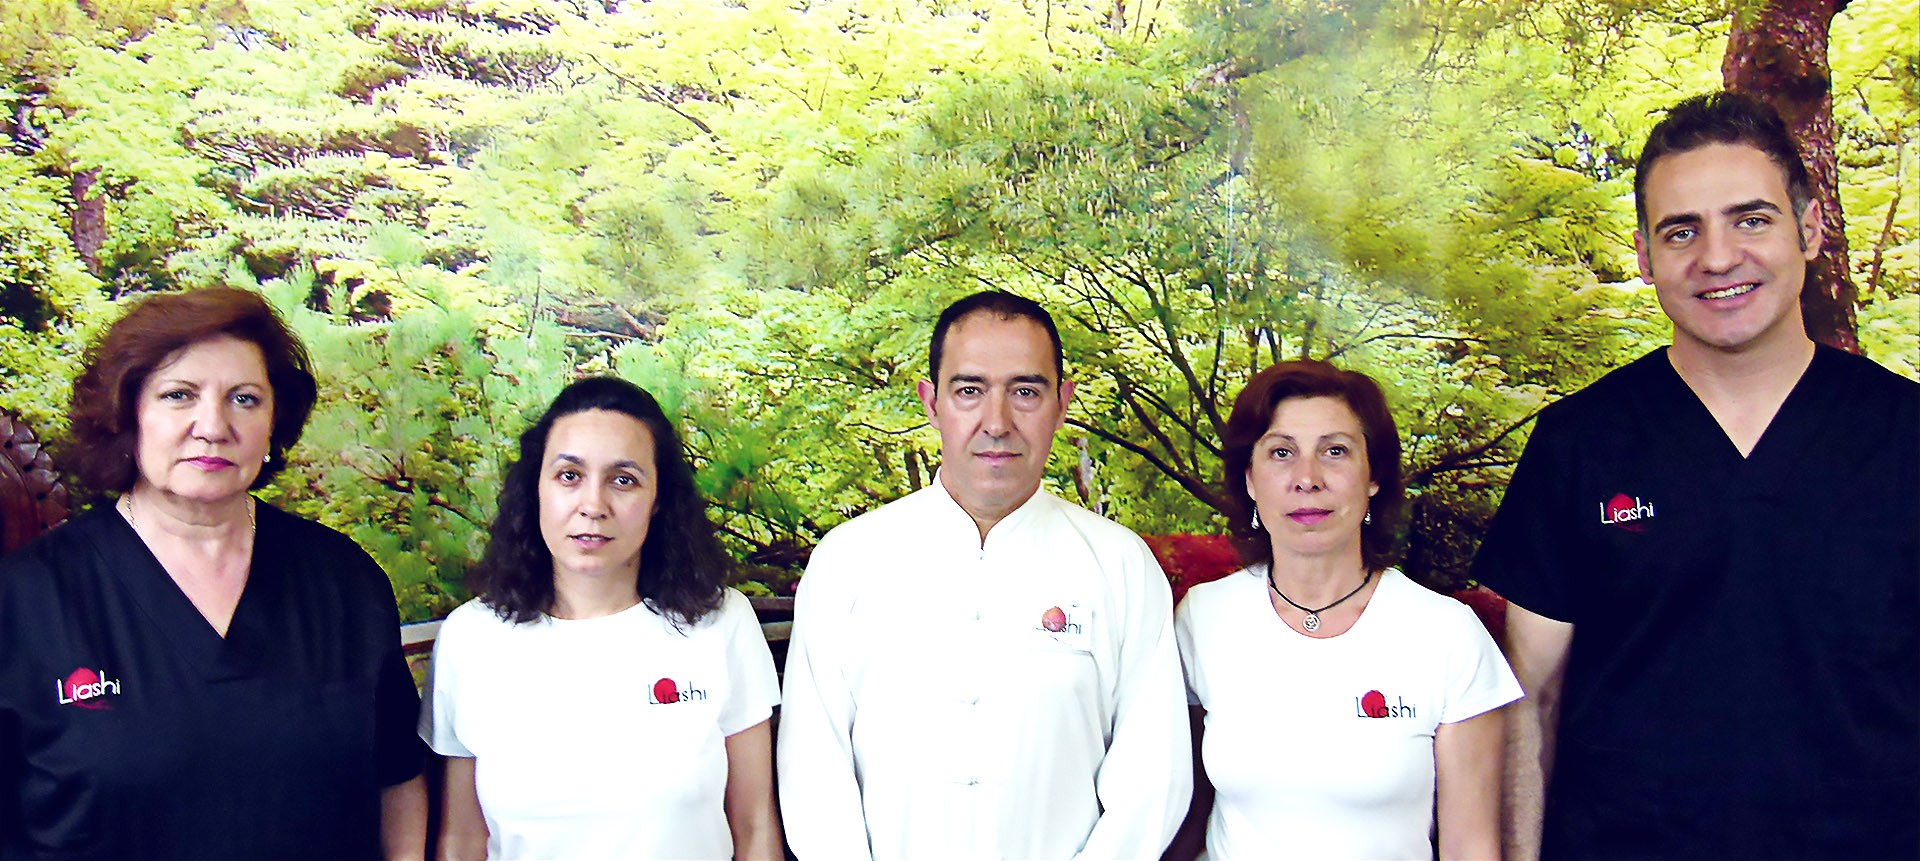 quienes somos liashi valladolid centro de masaje osteopatía reiki tai chi taichi yoga